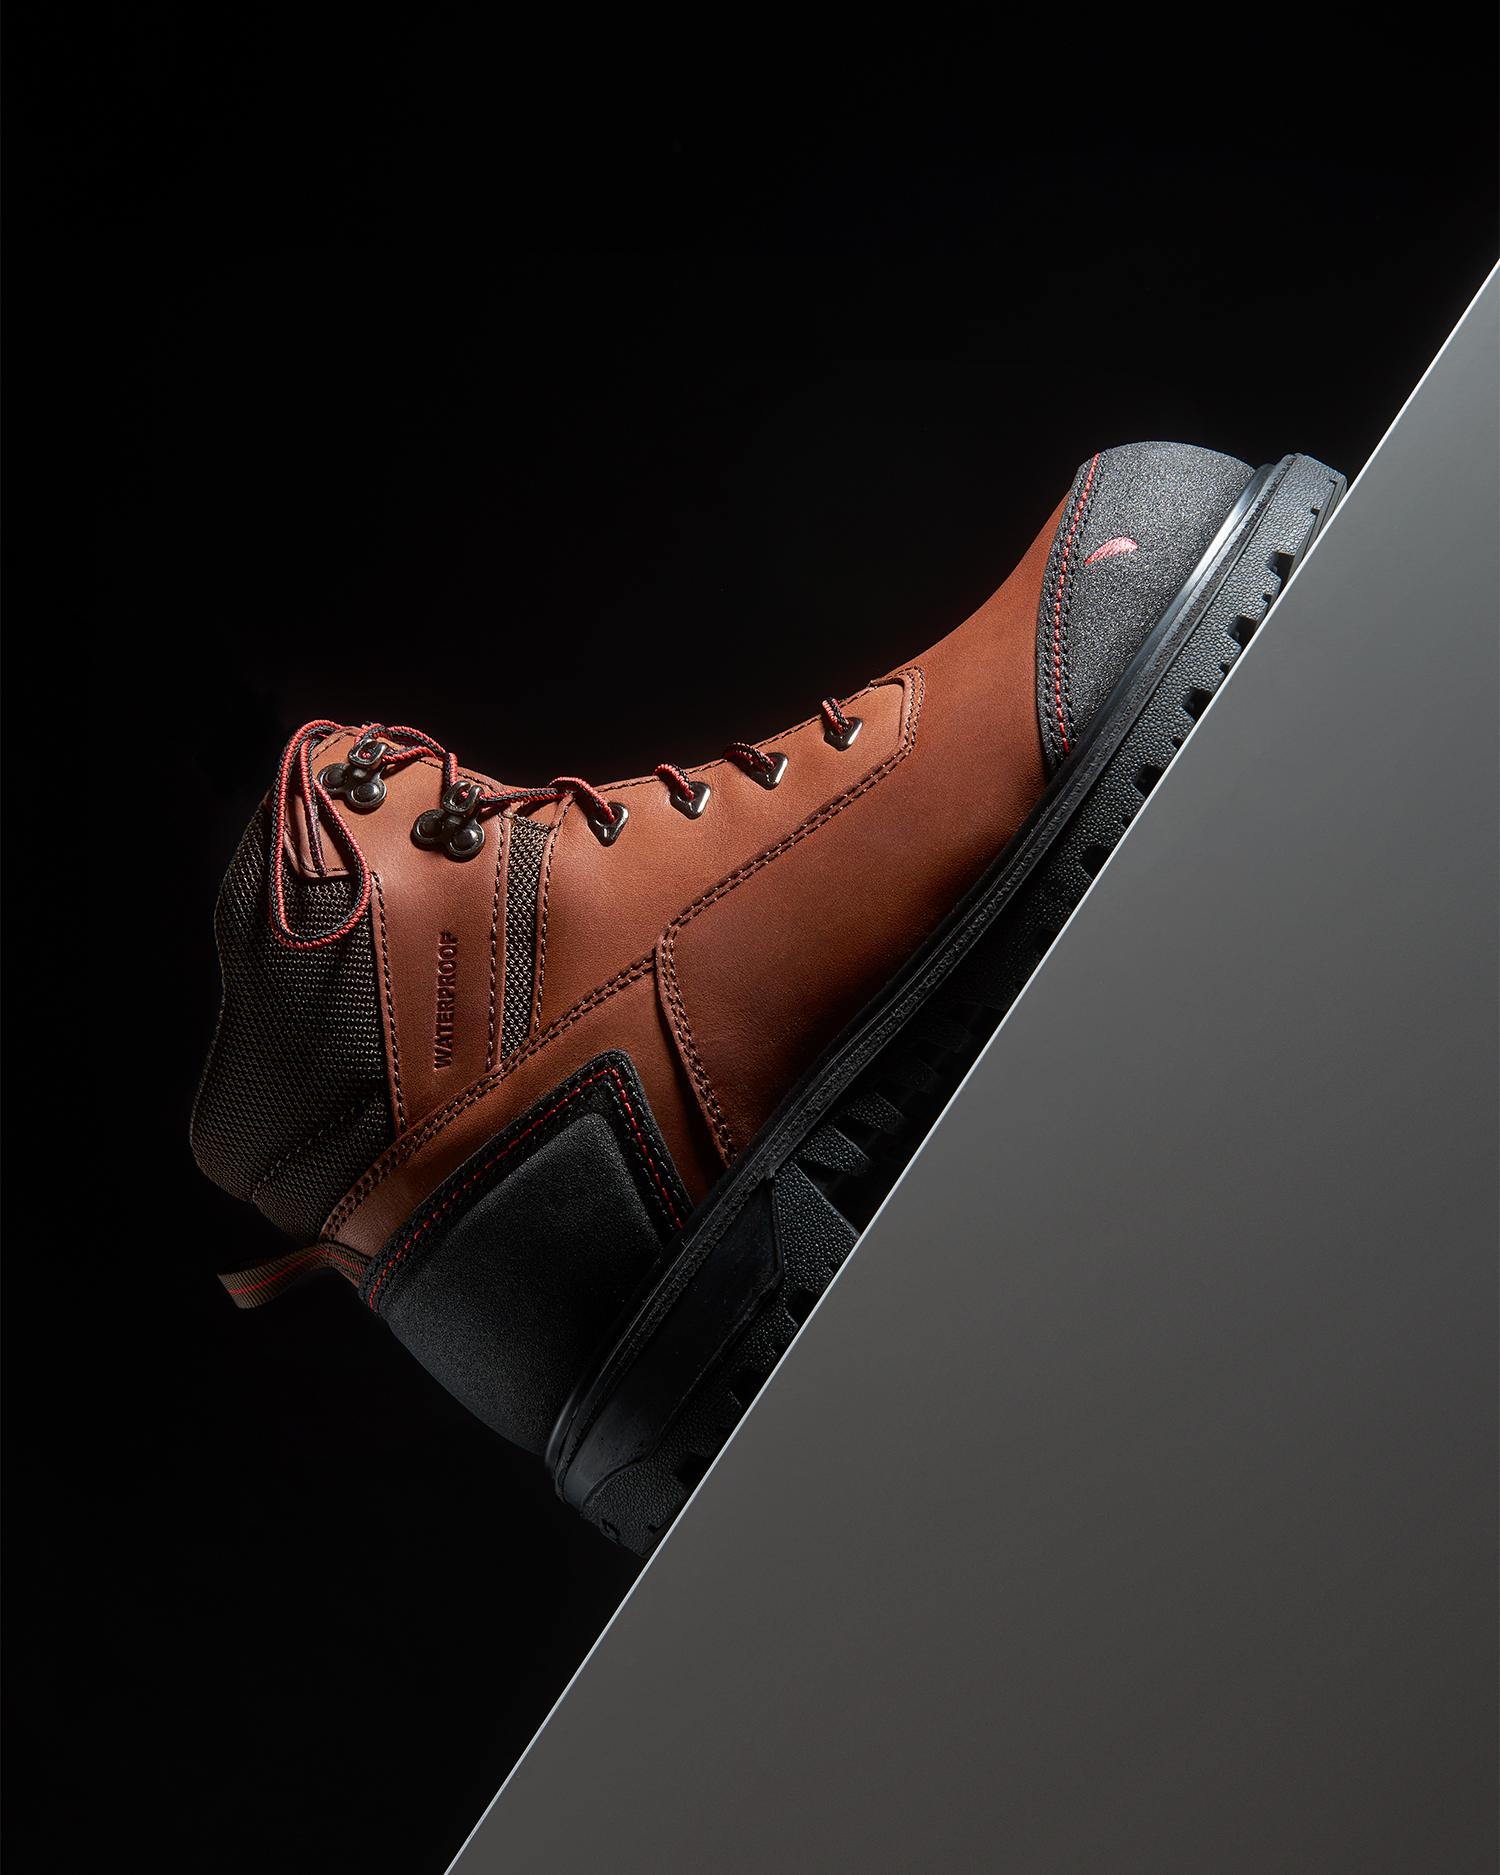 Boot 1 v1.jpg